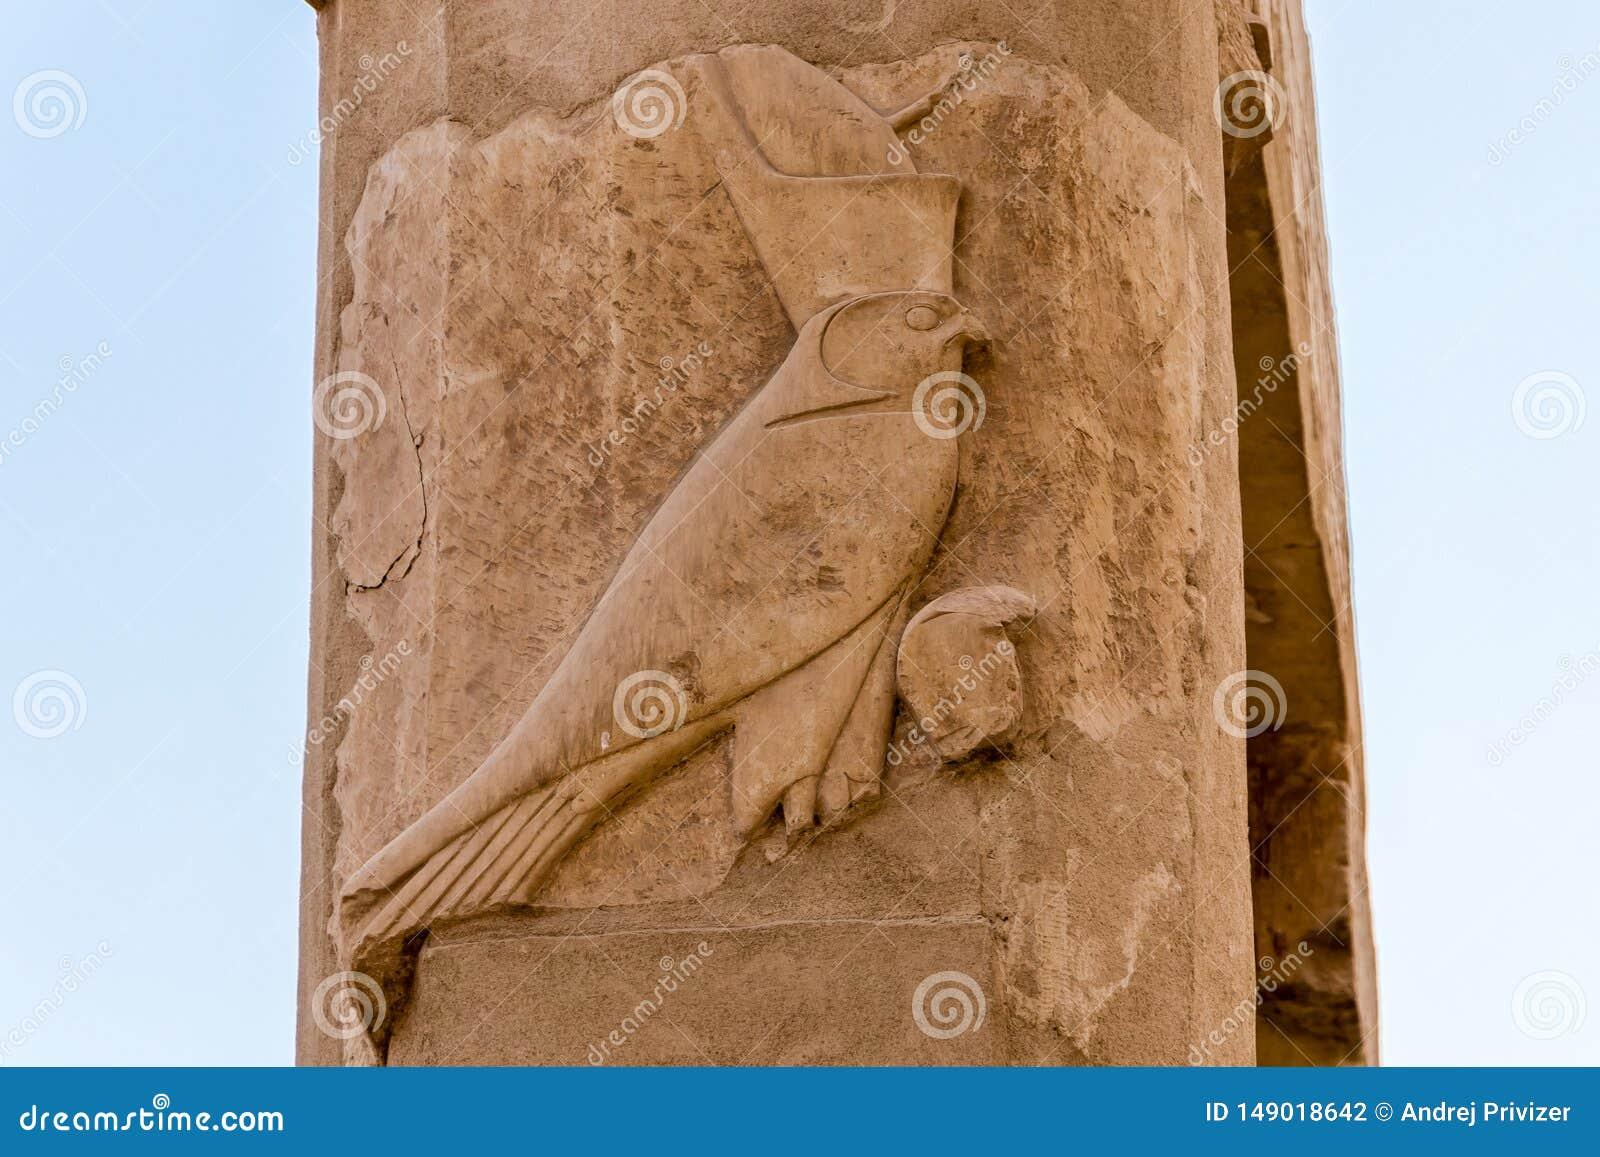 Dios Horus en la columna en el gran templo de la reina Hatshepsut en Luxor, Egipto